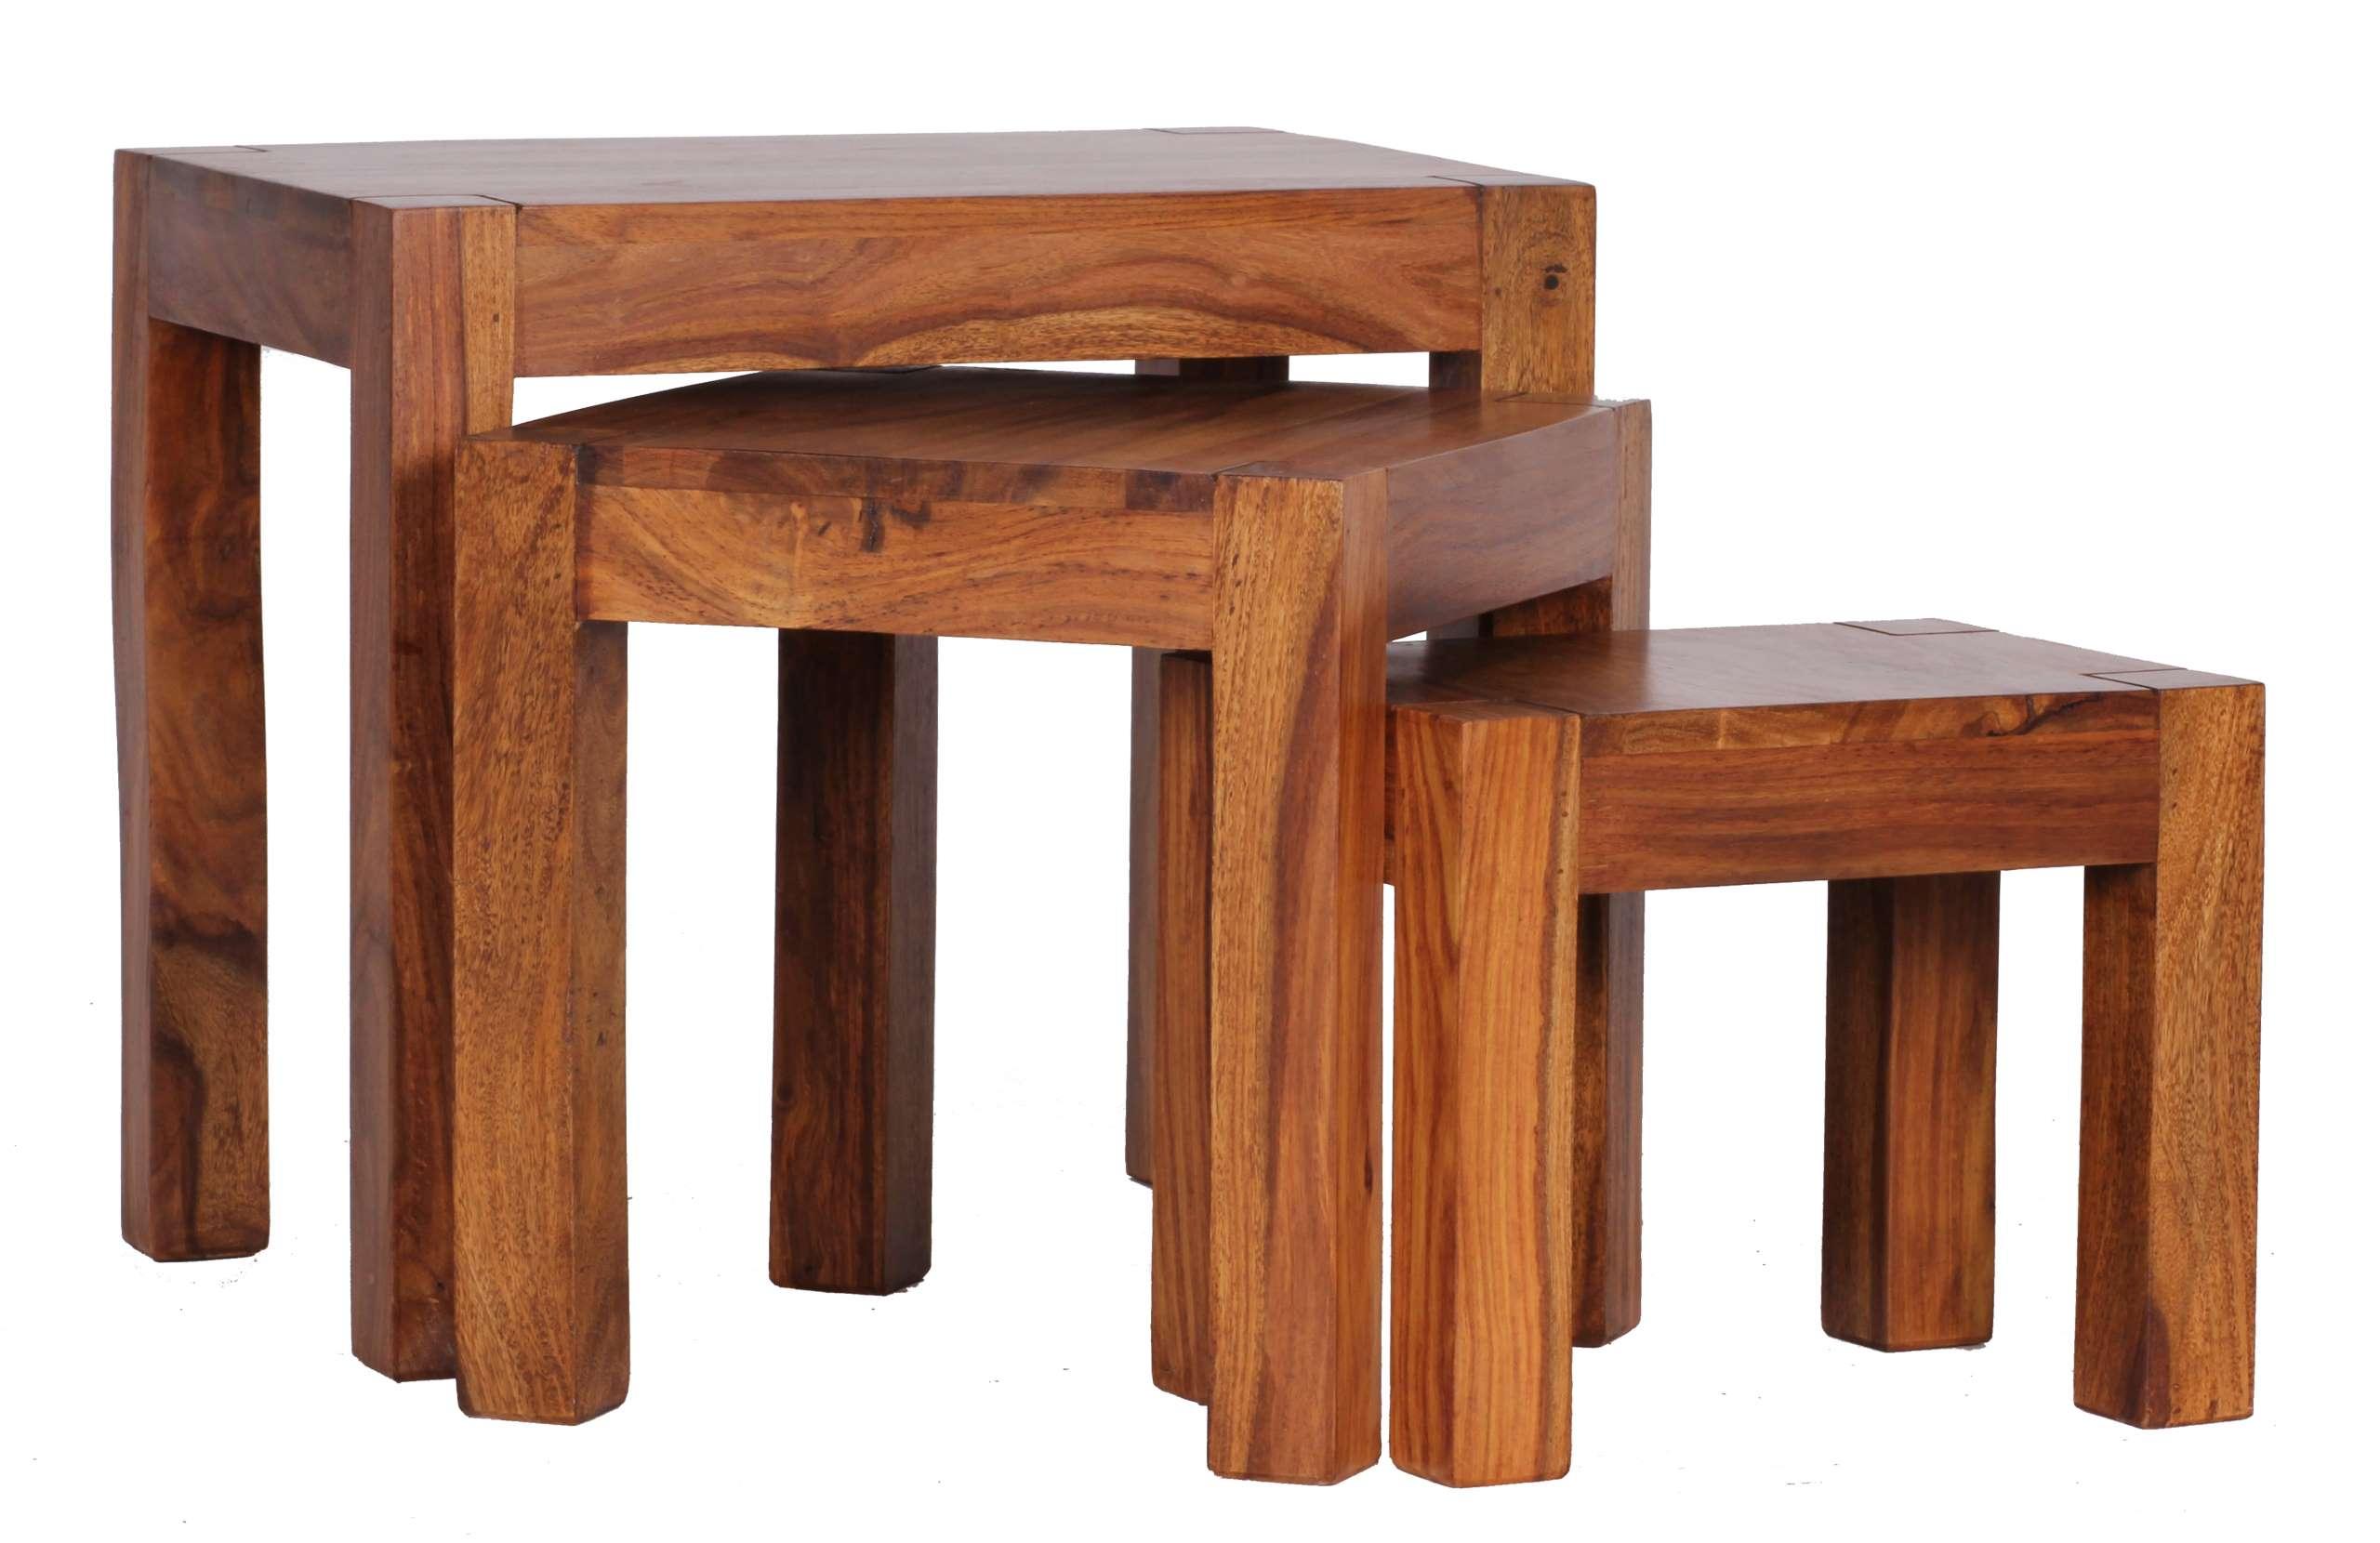 3 satz tisch malatya beistelltisch sheesham massivholz 50x45x35cm. Black Bedroom Furniture Sets. Home Design Ideas